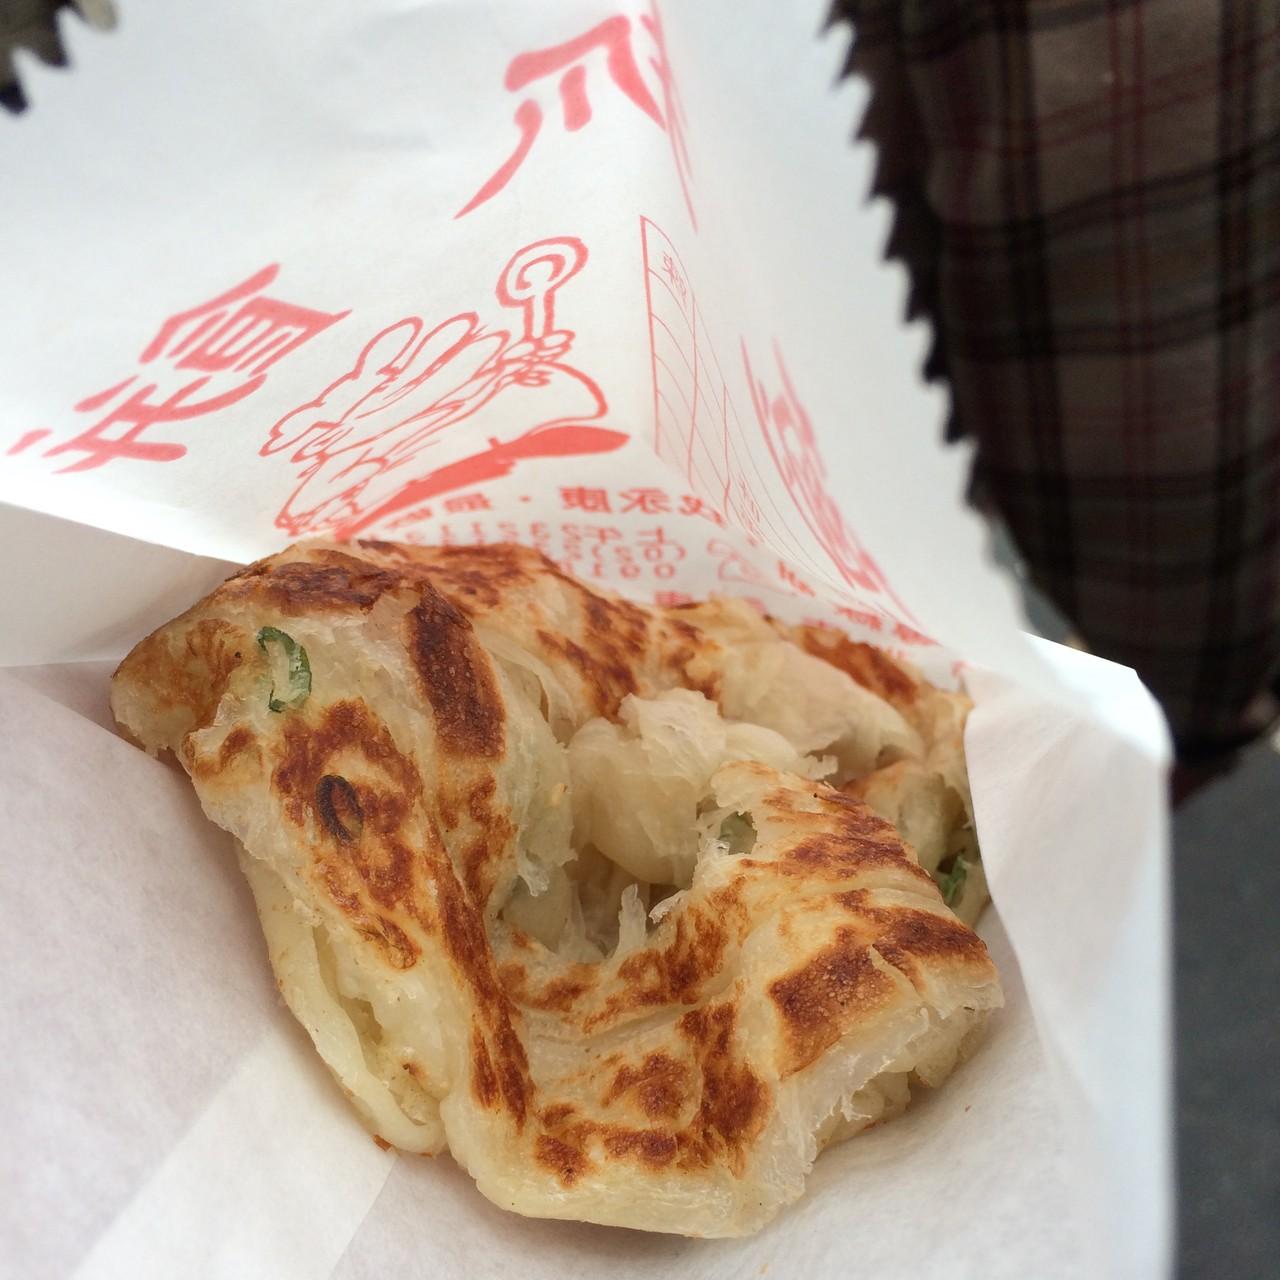 MRT「東門」駅の近くの永康街メインストリートにある、大人気のパンケーキ屋さん。パンケーキといっても、多分ネギが入っていて、ほのかに塩味の、小麦粉の味がなんとも素朴でも味わい深く、生地も糸上のストリングチーズみたいな感じで、とても美味しかった!やすいし〜!